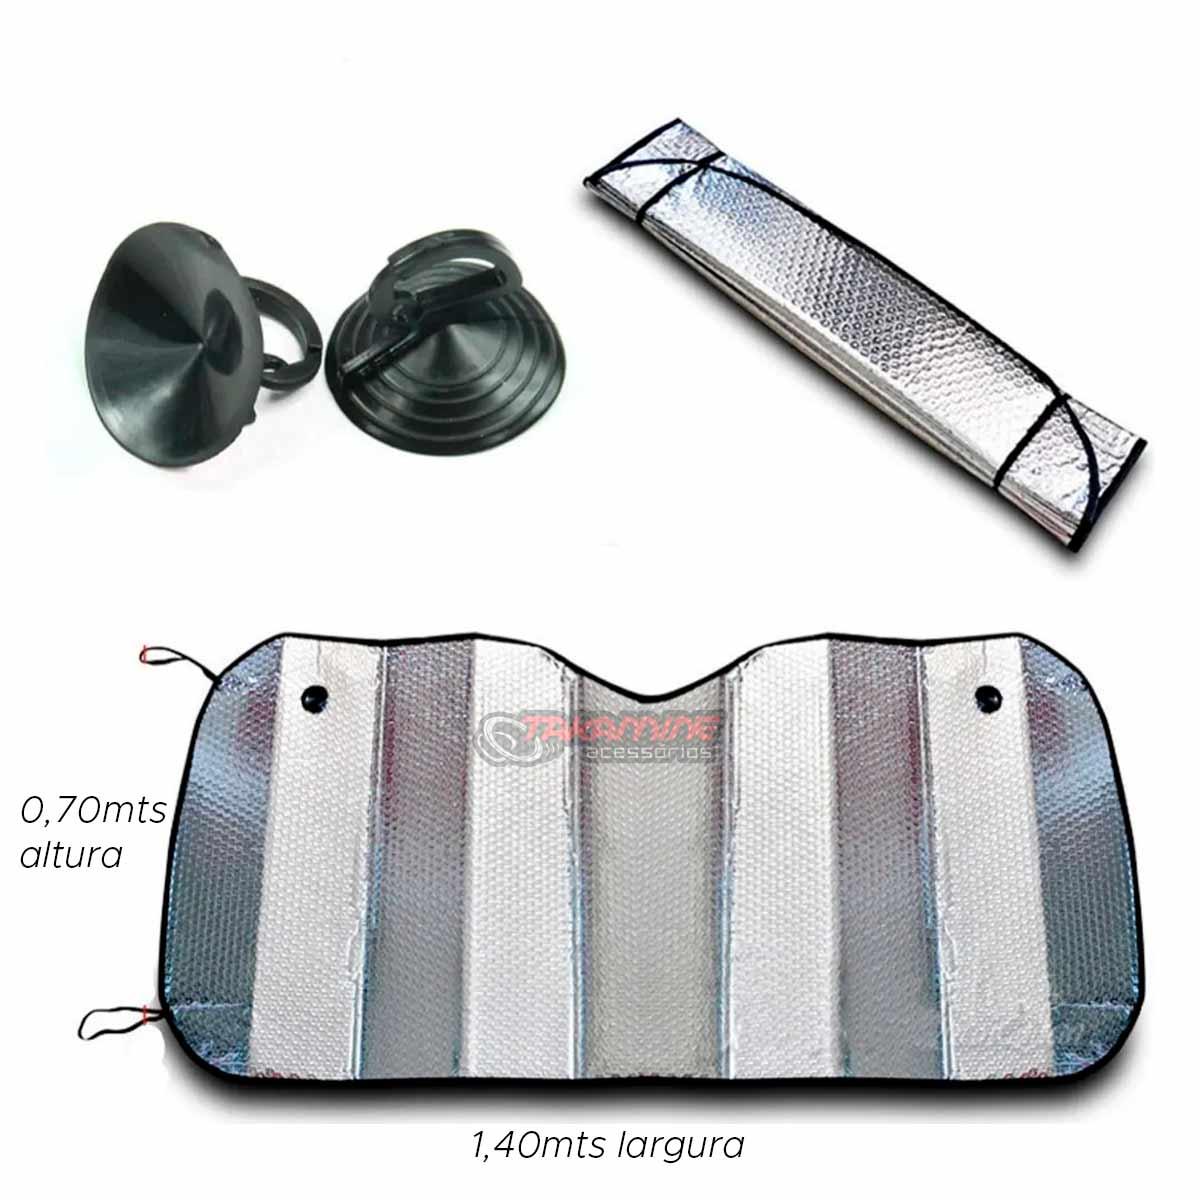 Protetor solar parabrisa metalizado prata universal tamanho grande